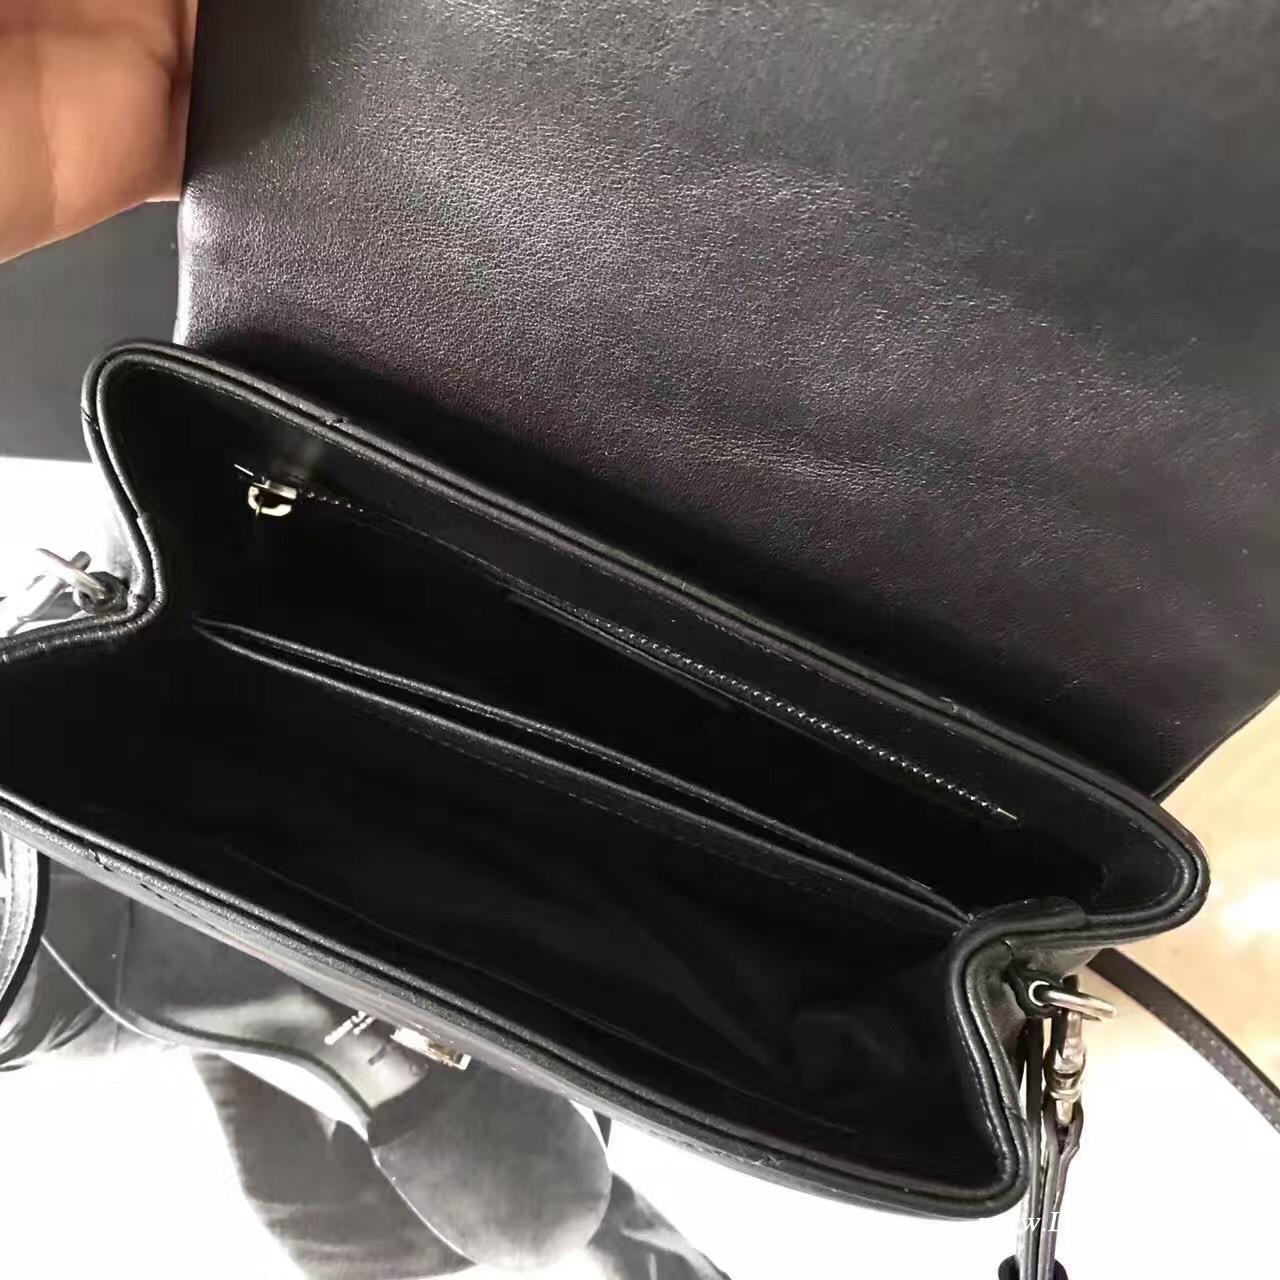 YSL SAINT LAURENT黑色斜跨带 带可调节可拆卸斜跨皮带